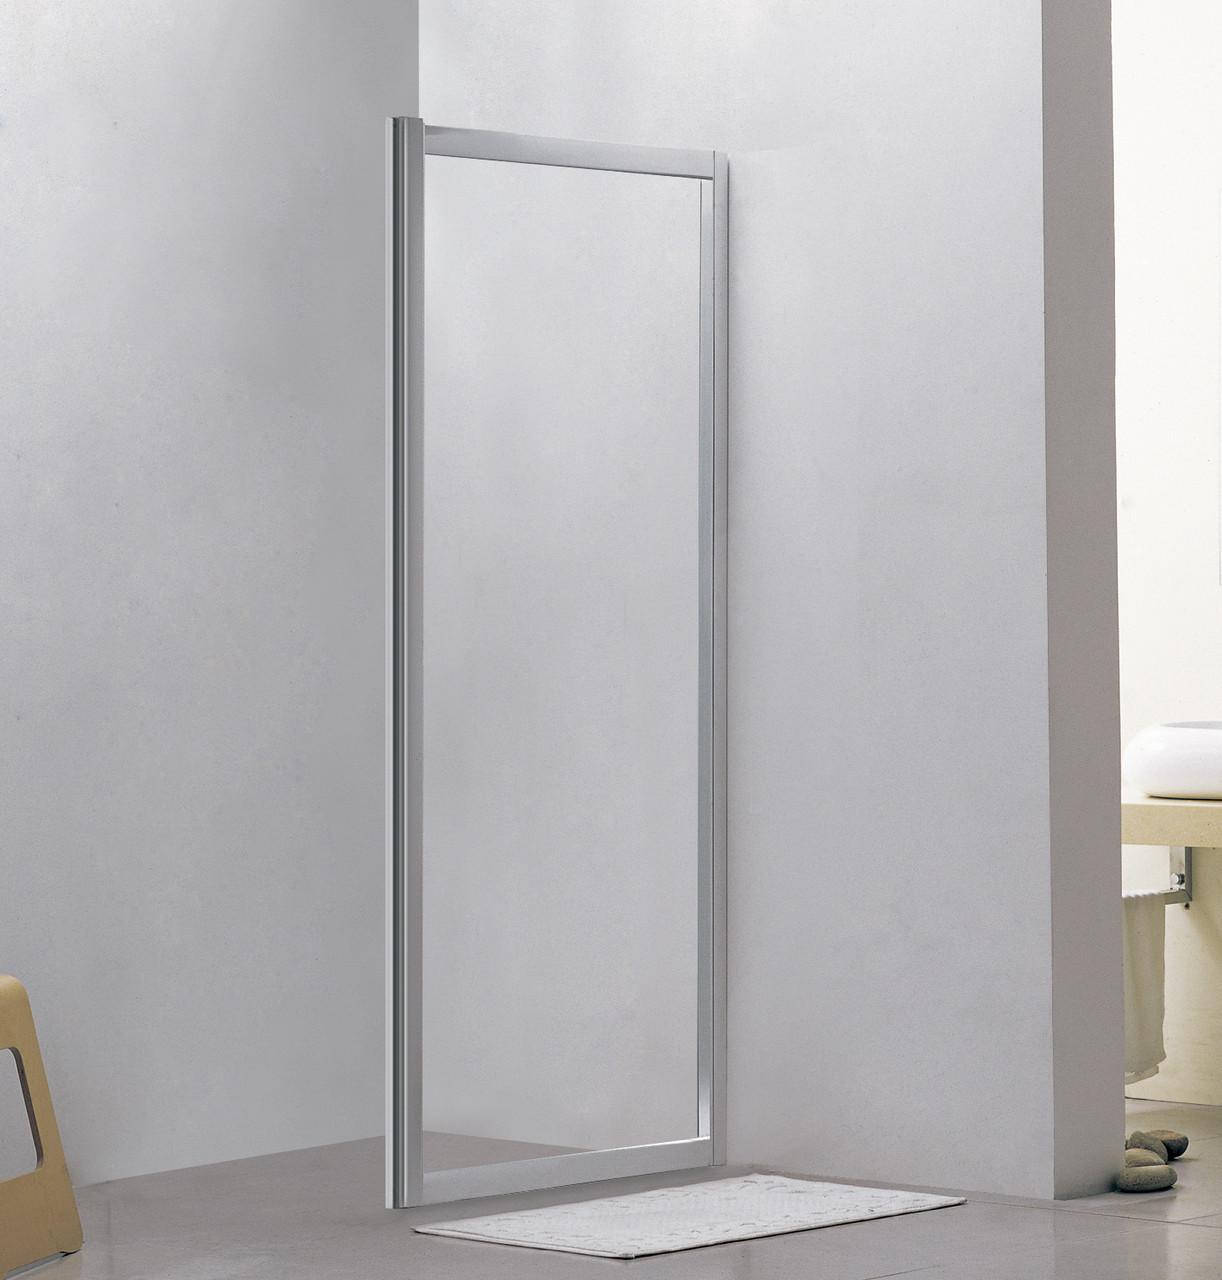 Боковая стенка 90*195см, для комплектации с дверьми 599-150 (h)